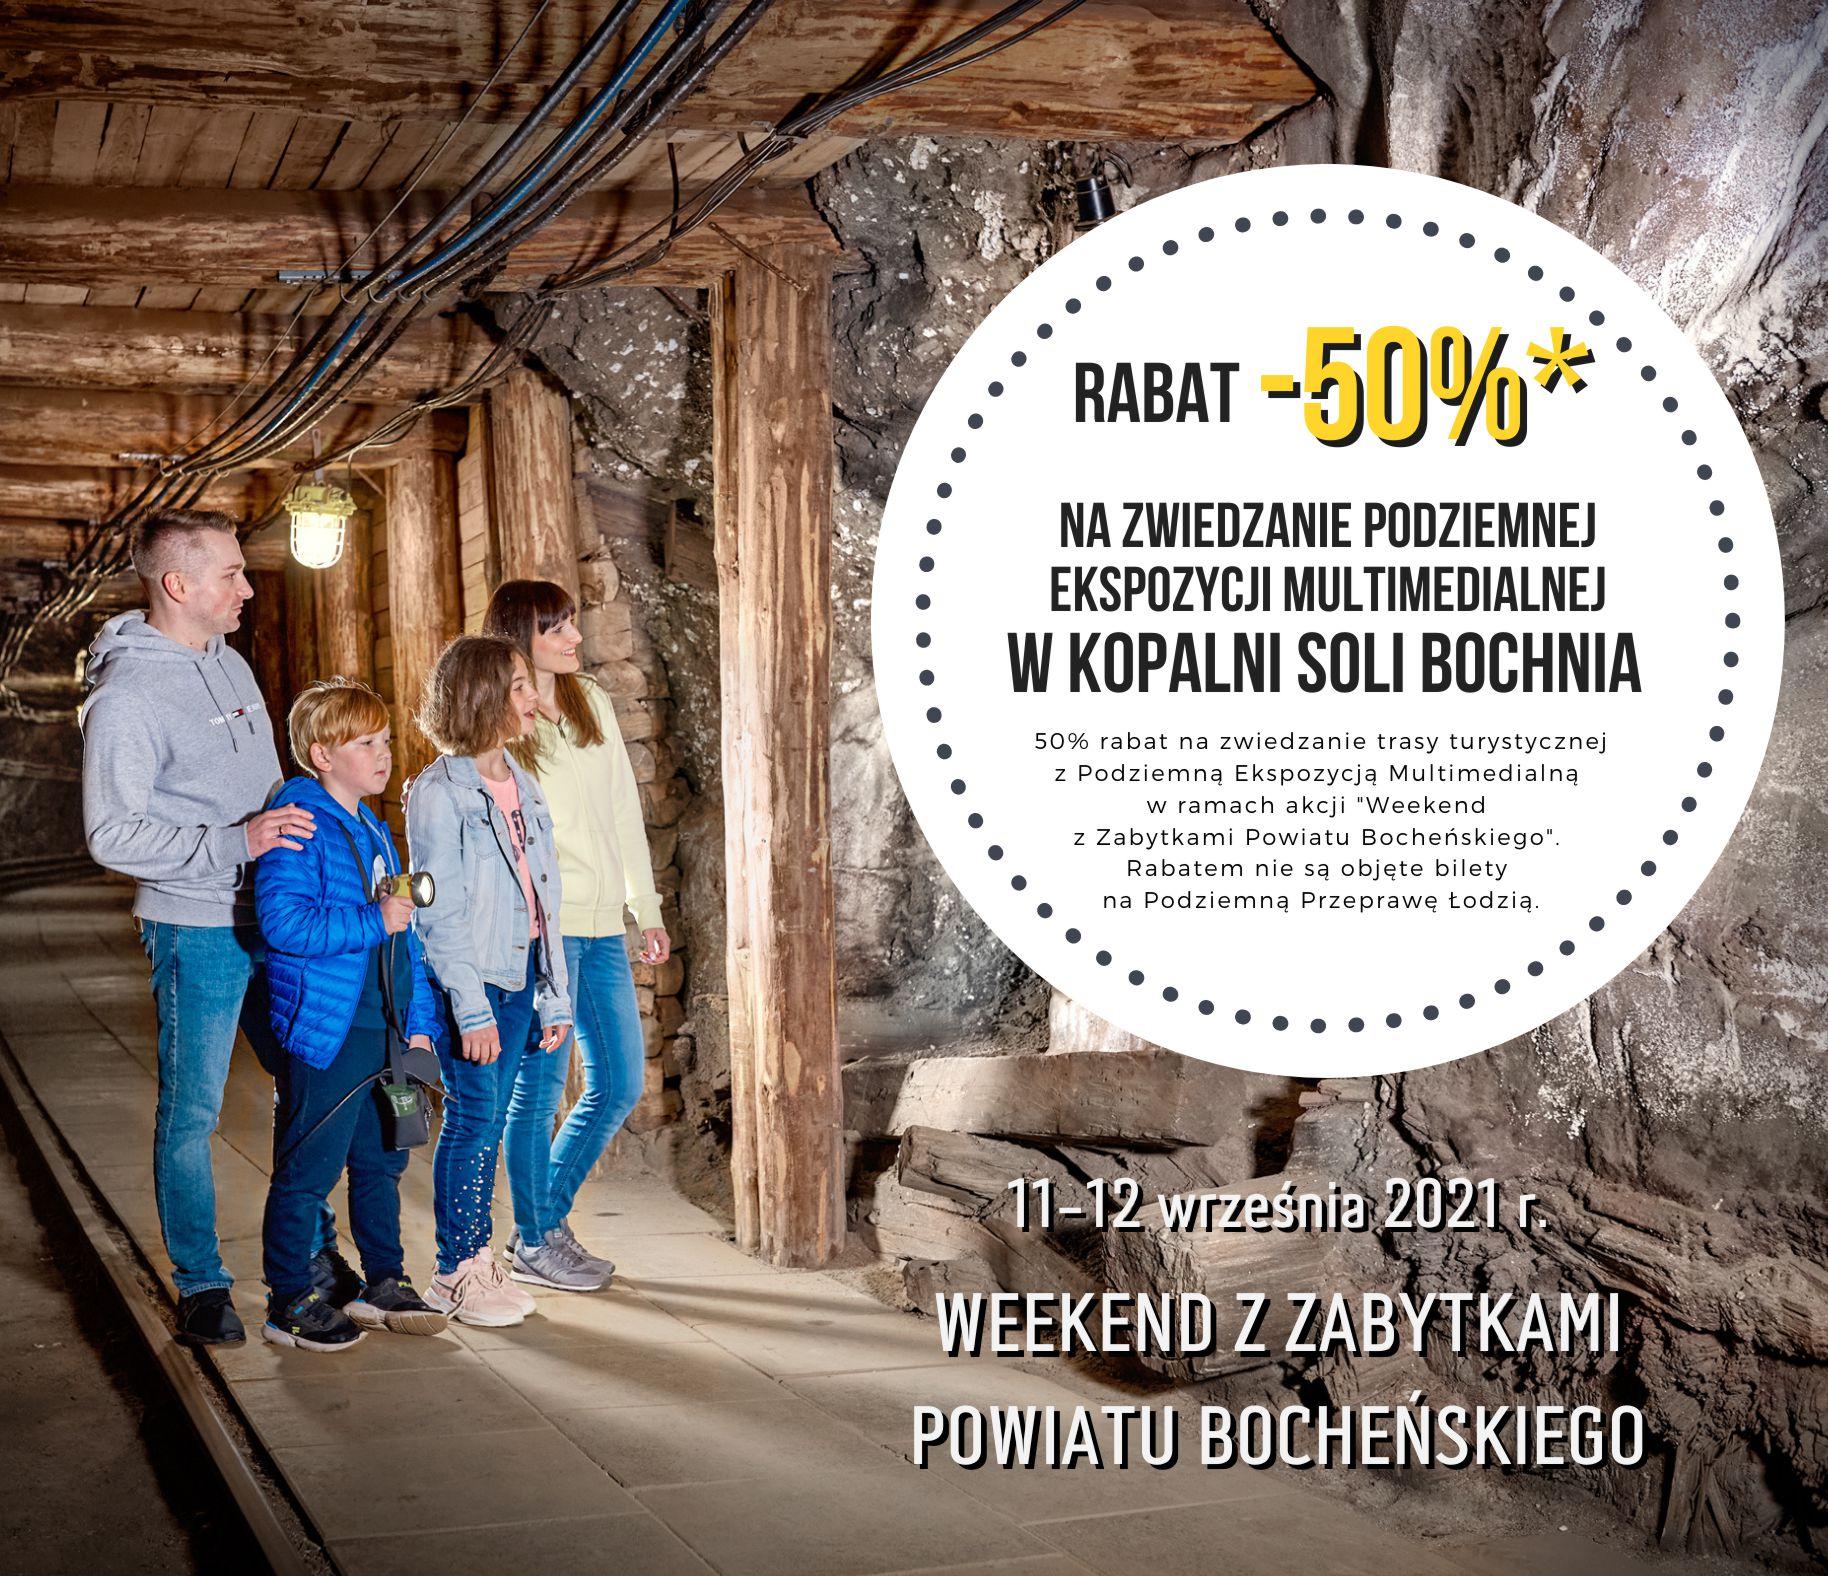 Weekend z zabytkami Powiatu Bocheńskiego - Zwiedzaj Kopalnię Bochnia z 50% rabatem